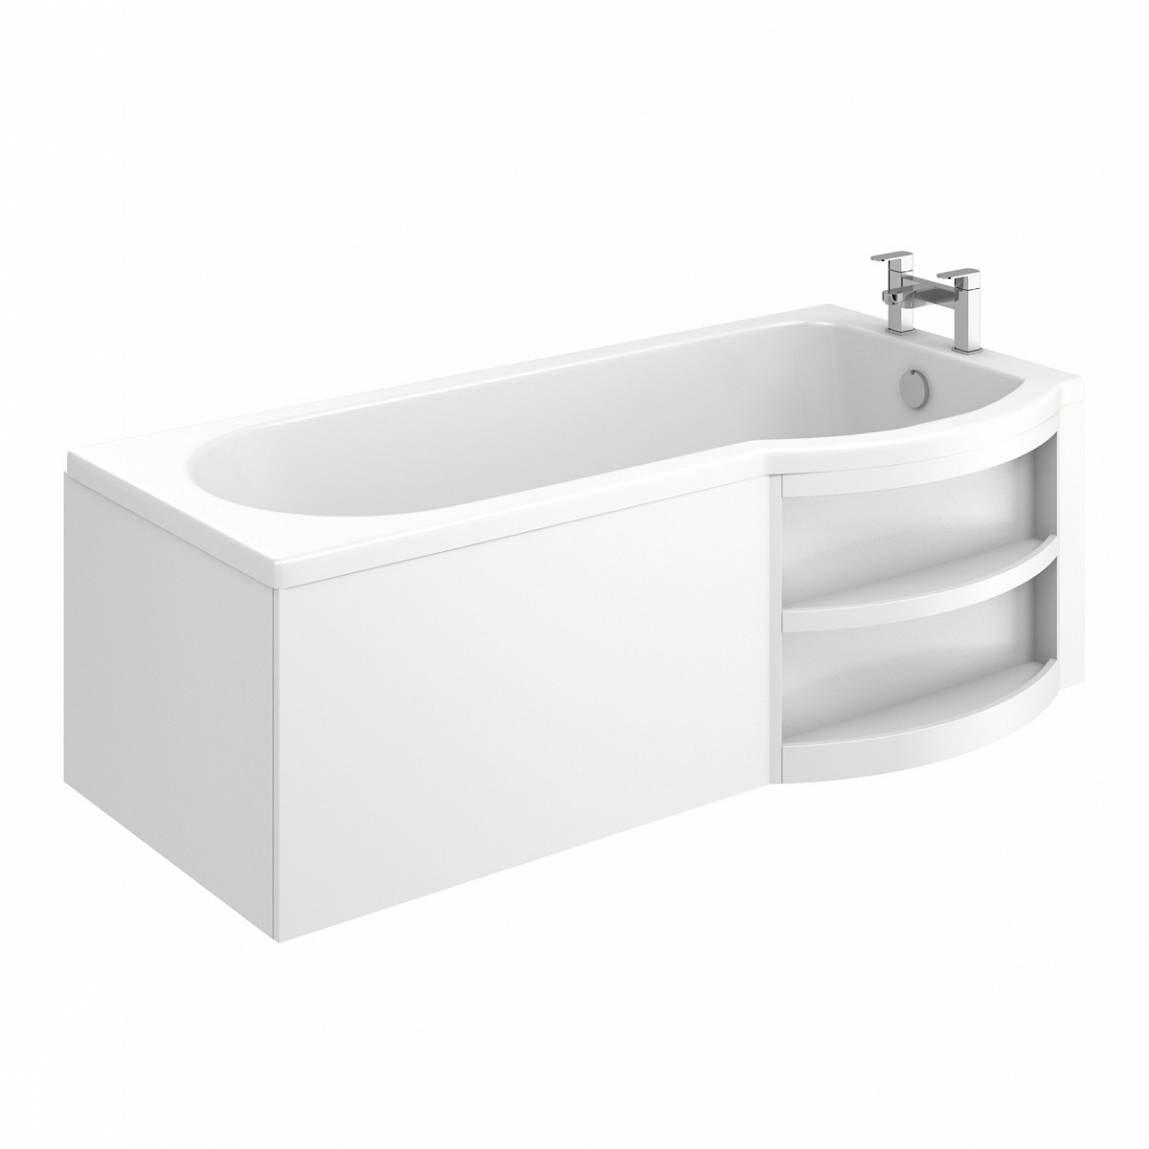 MySpace Eco Shower Bath RH with Storage Panel